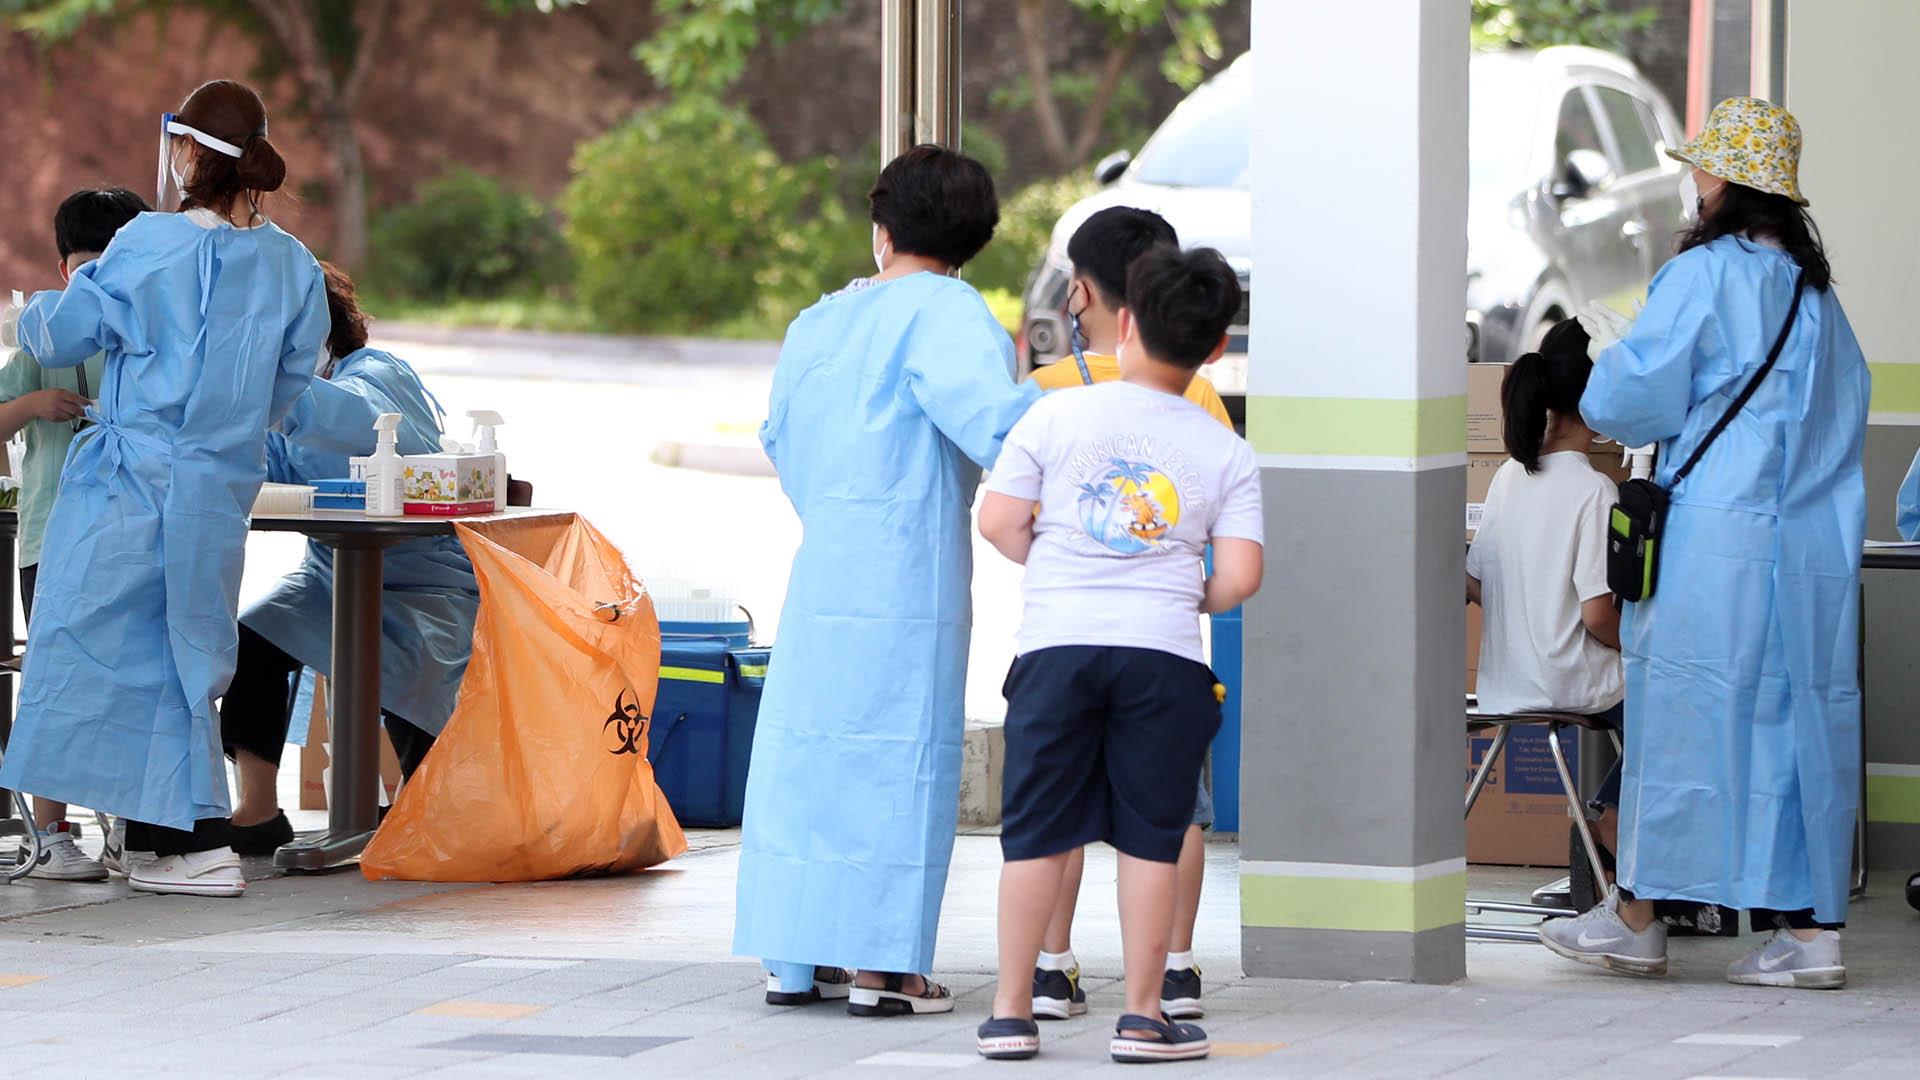 춘천 지역 초등학교서 이틀간 10명 무더기 확진